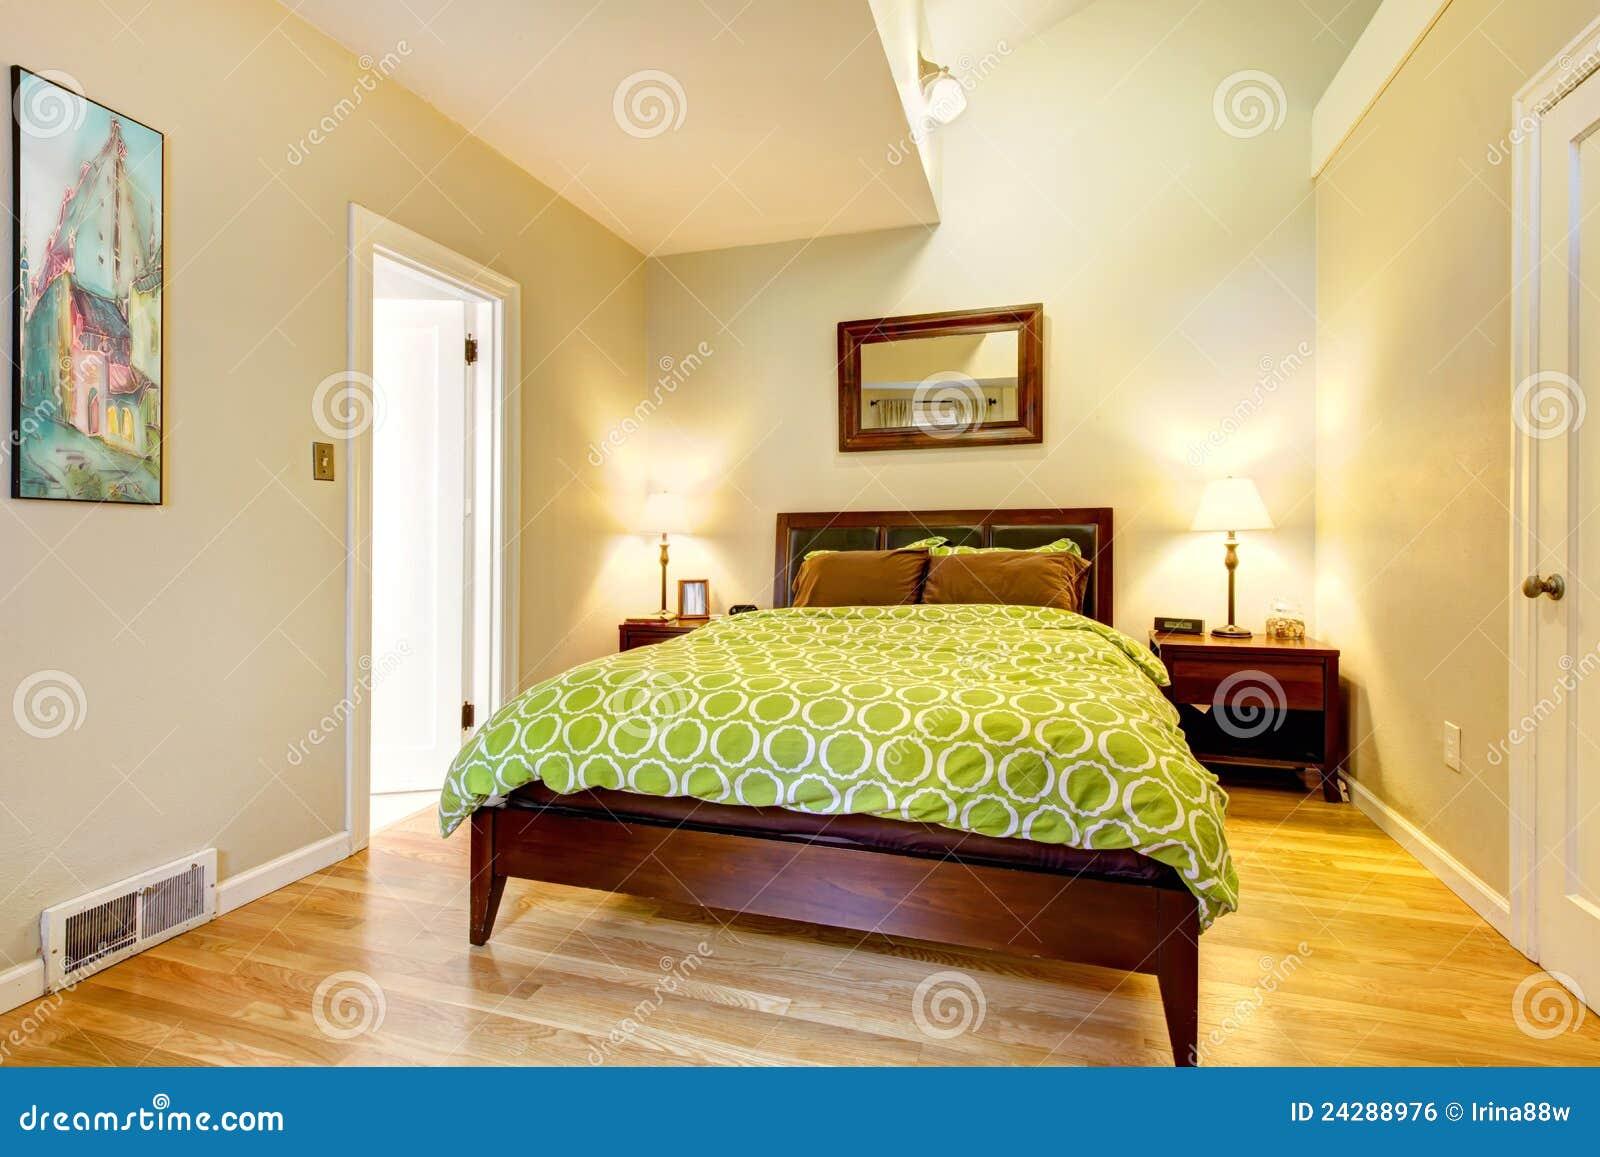 ... da Diritti: Camera da letto verde e beige moderna con la base marrone